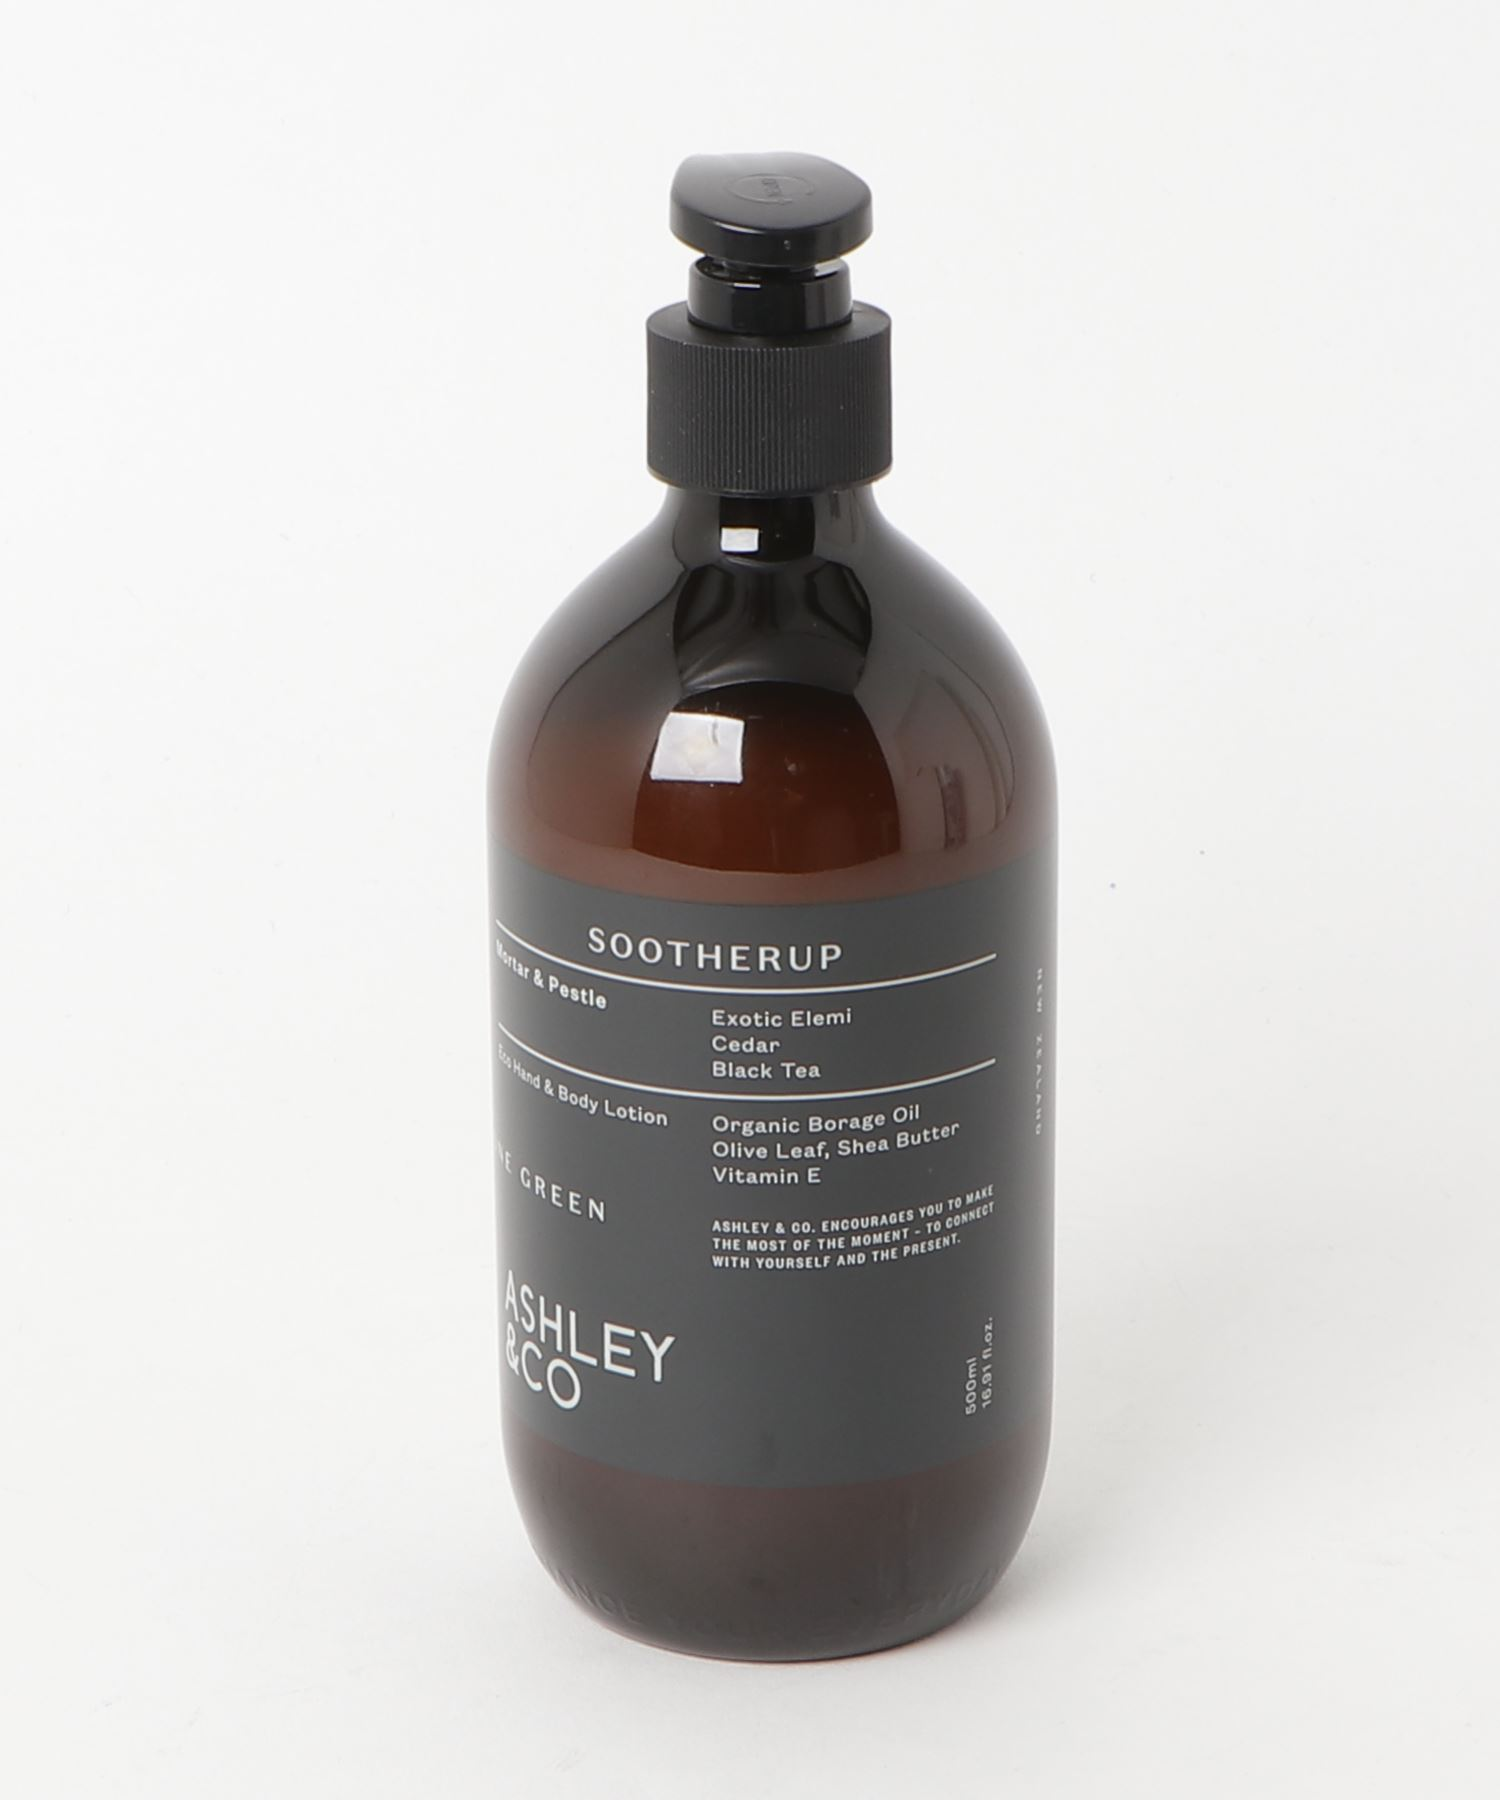 ASHLEY & CO ハンド&ボディローション ゴーングリーン Mortar & Pestie 500ml